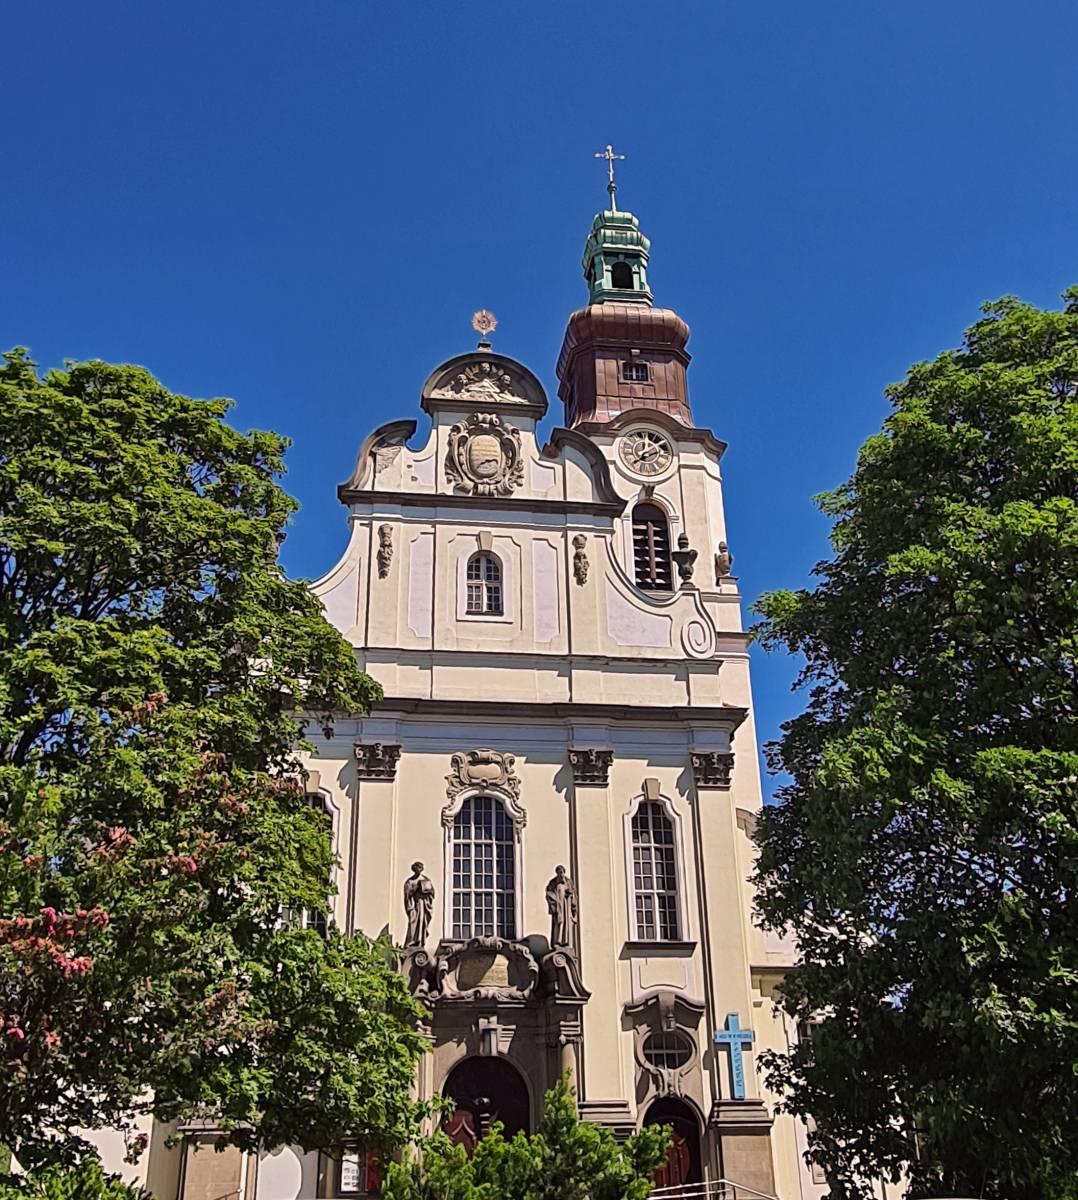 Piastowski Square